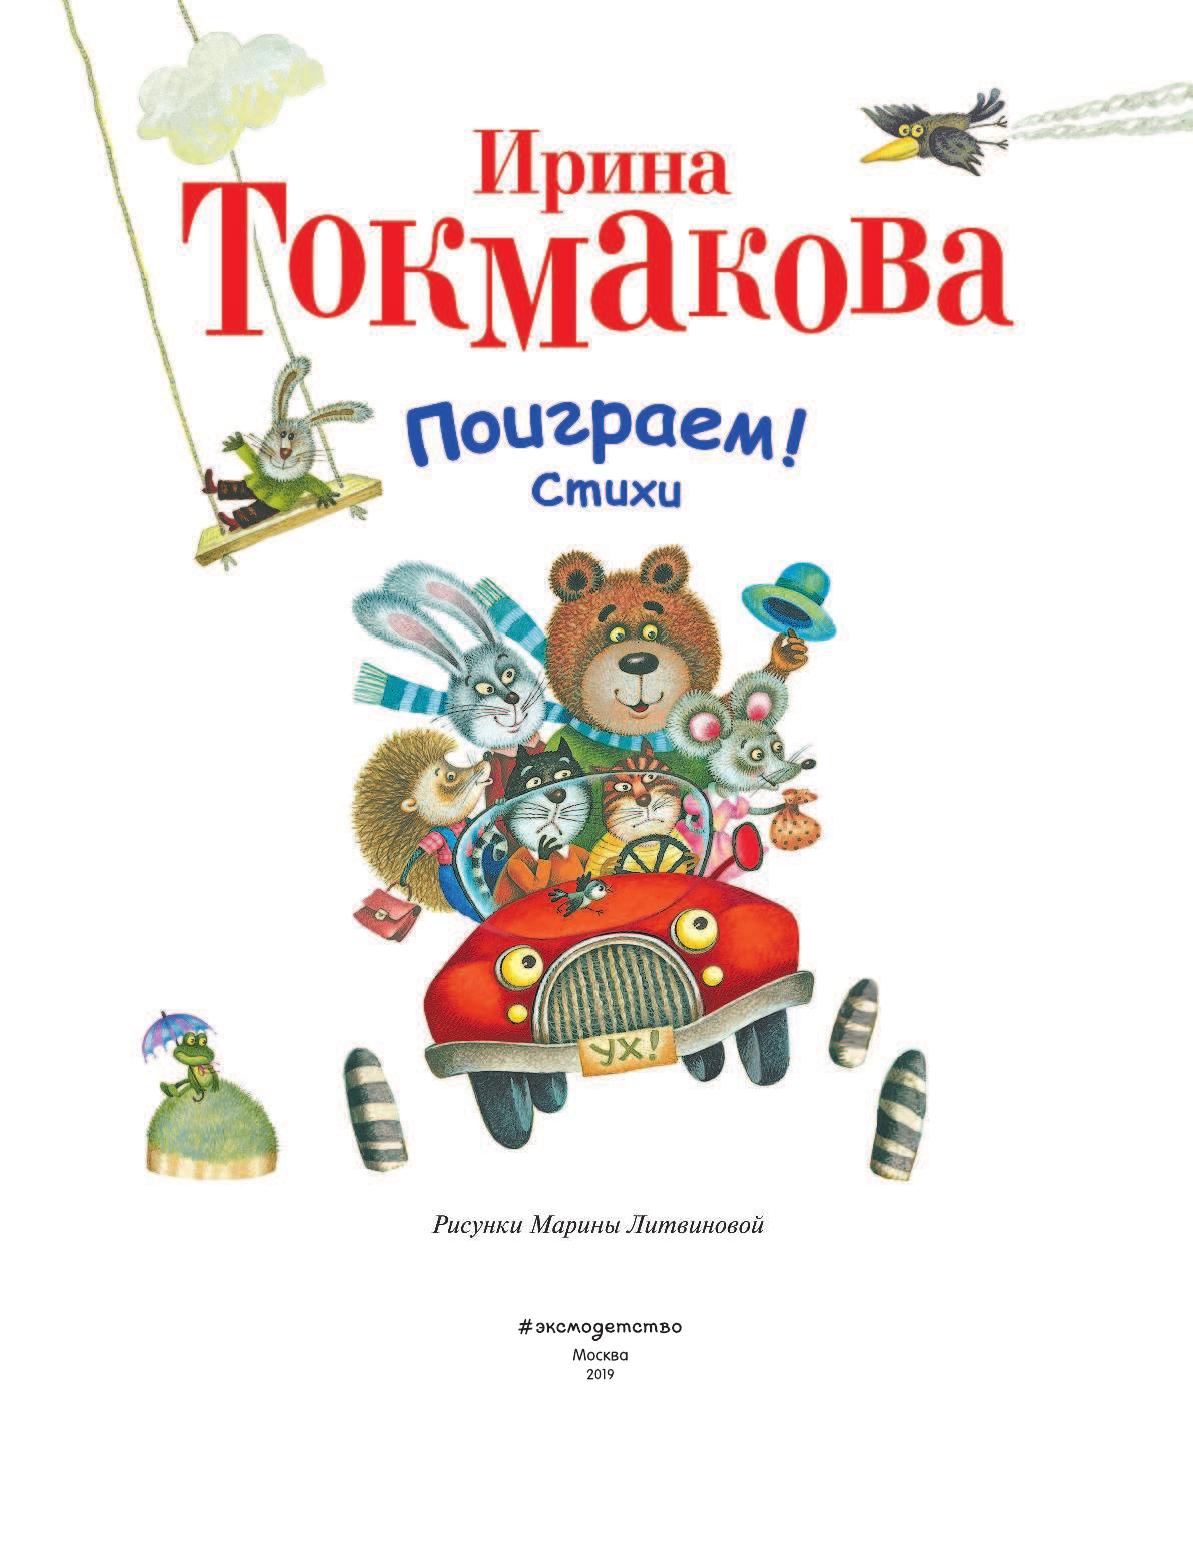 картинки героев книг токмаковой здесь важно правильно